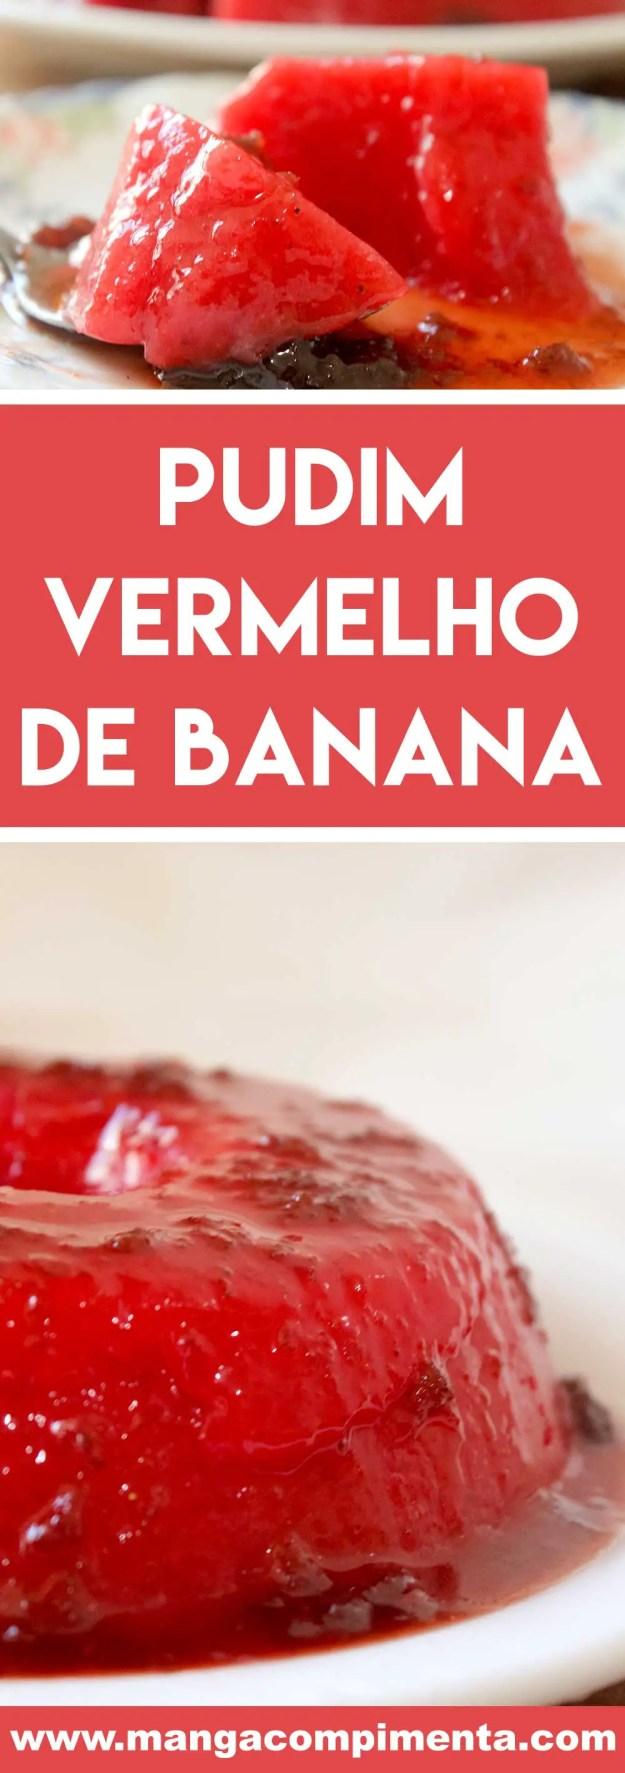 Receita de Pudim Vermelho de Banana - uma combinação de banana com morango para preparar uma deliciosa sobremesa.